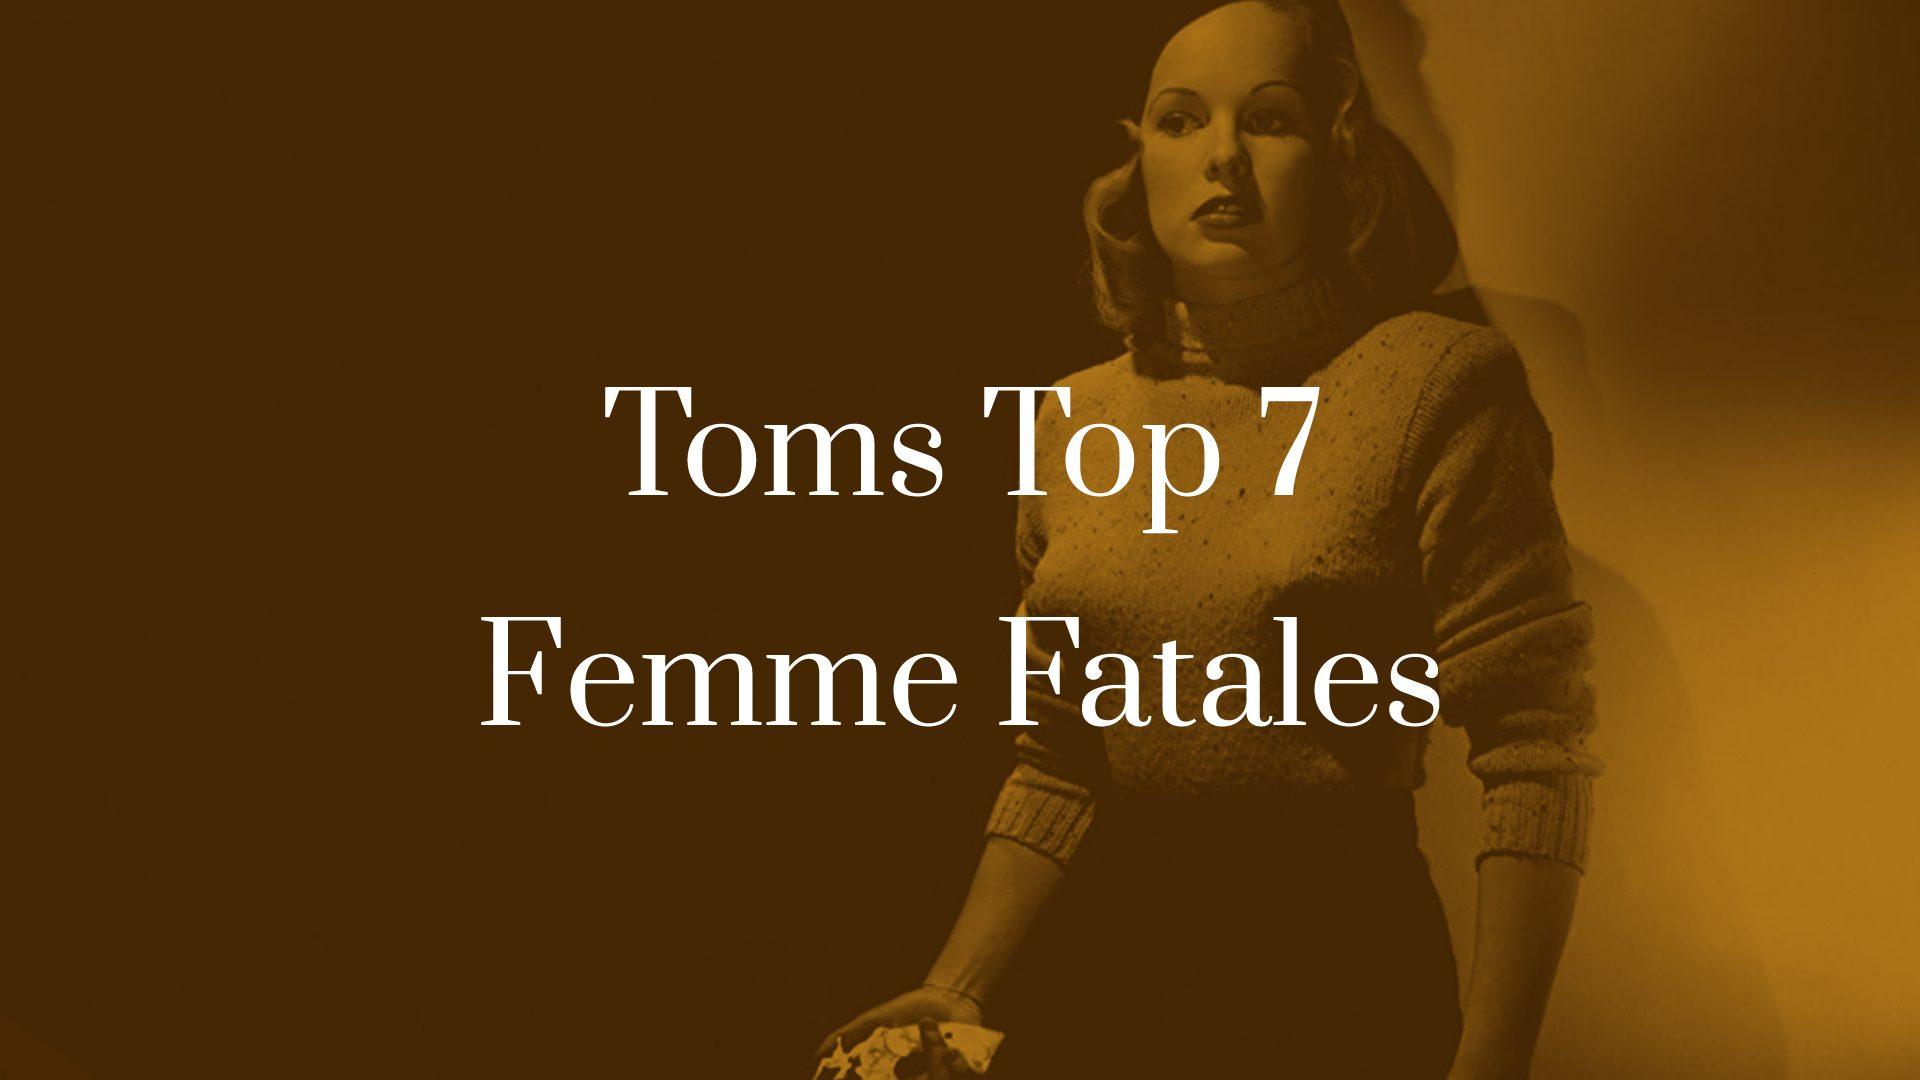 Titelbild für TOMS TOP 7 Femme Fatales im Film Noir